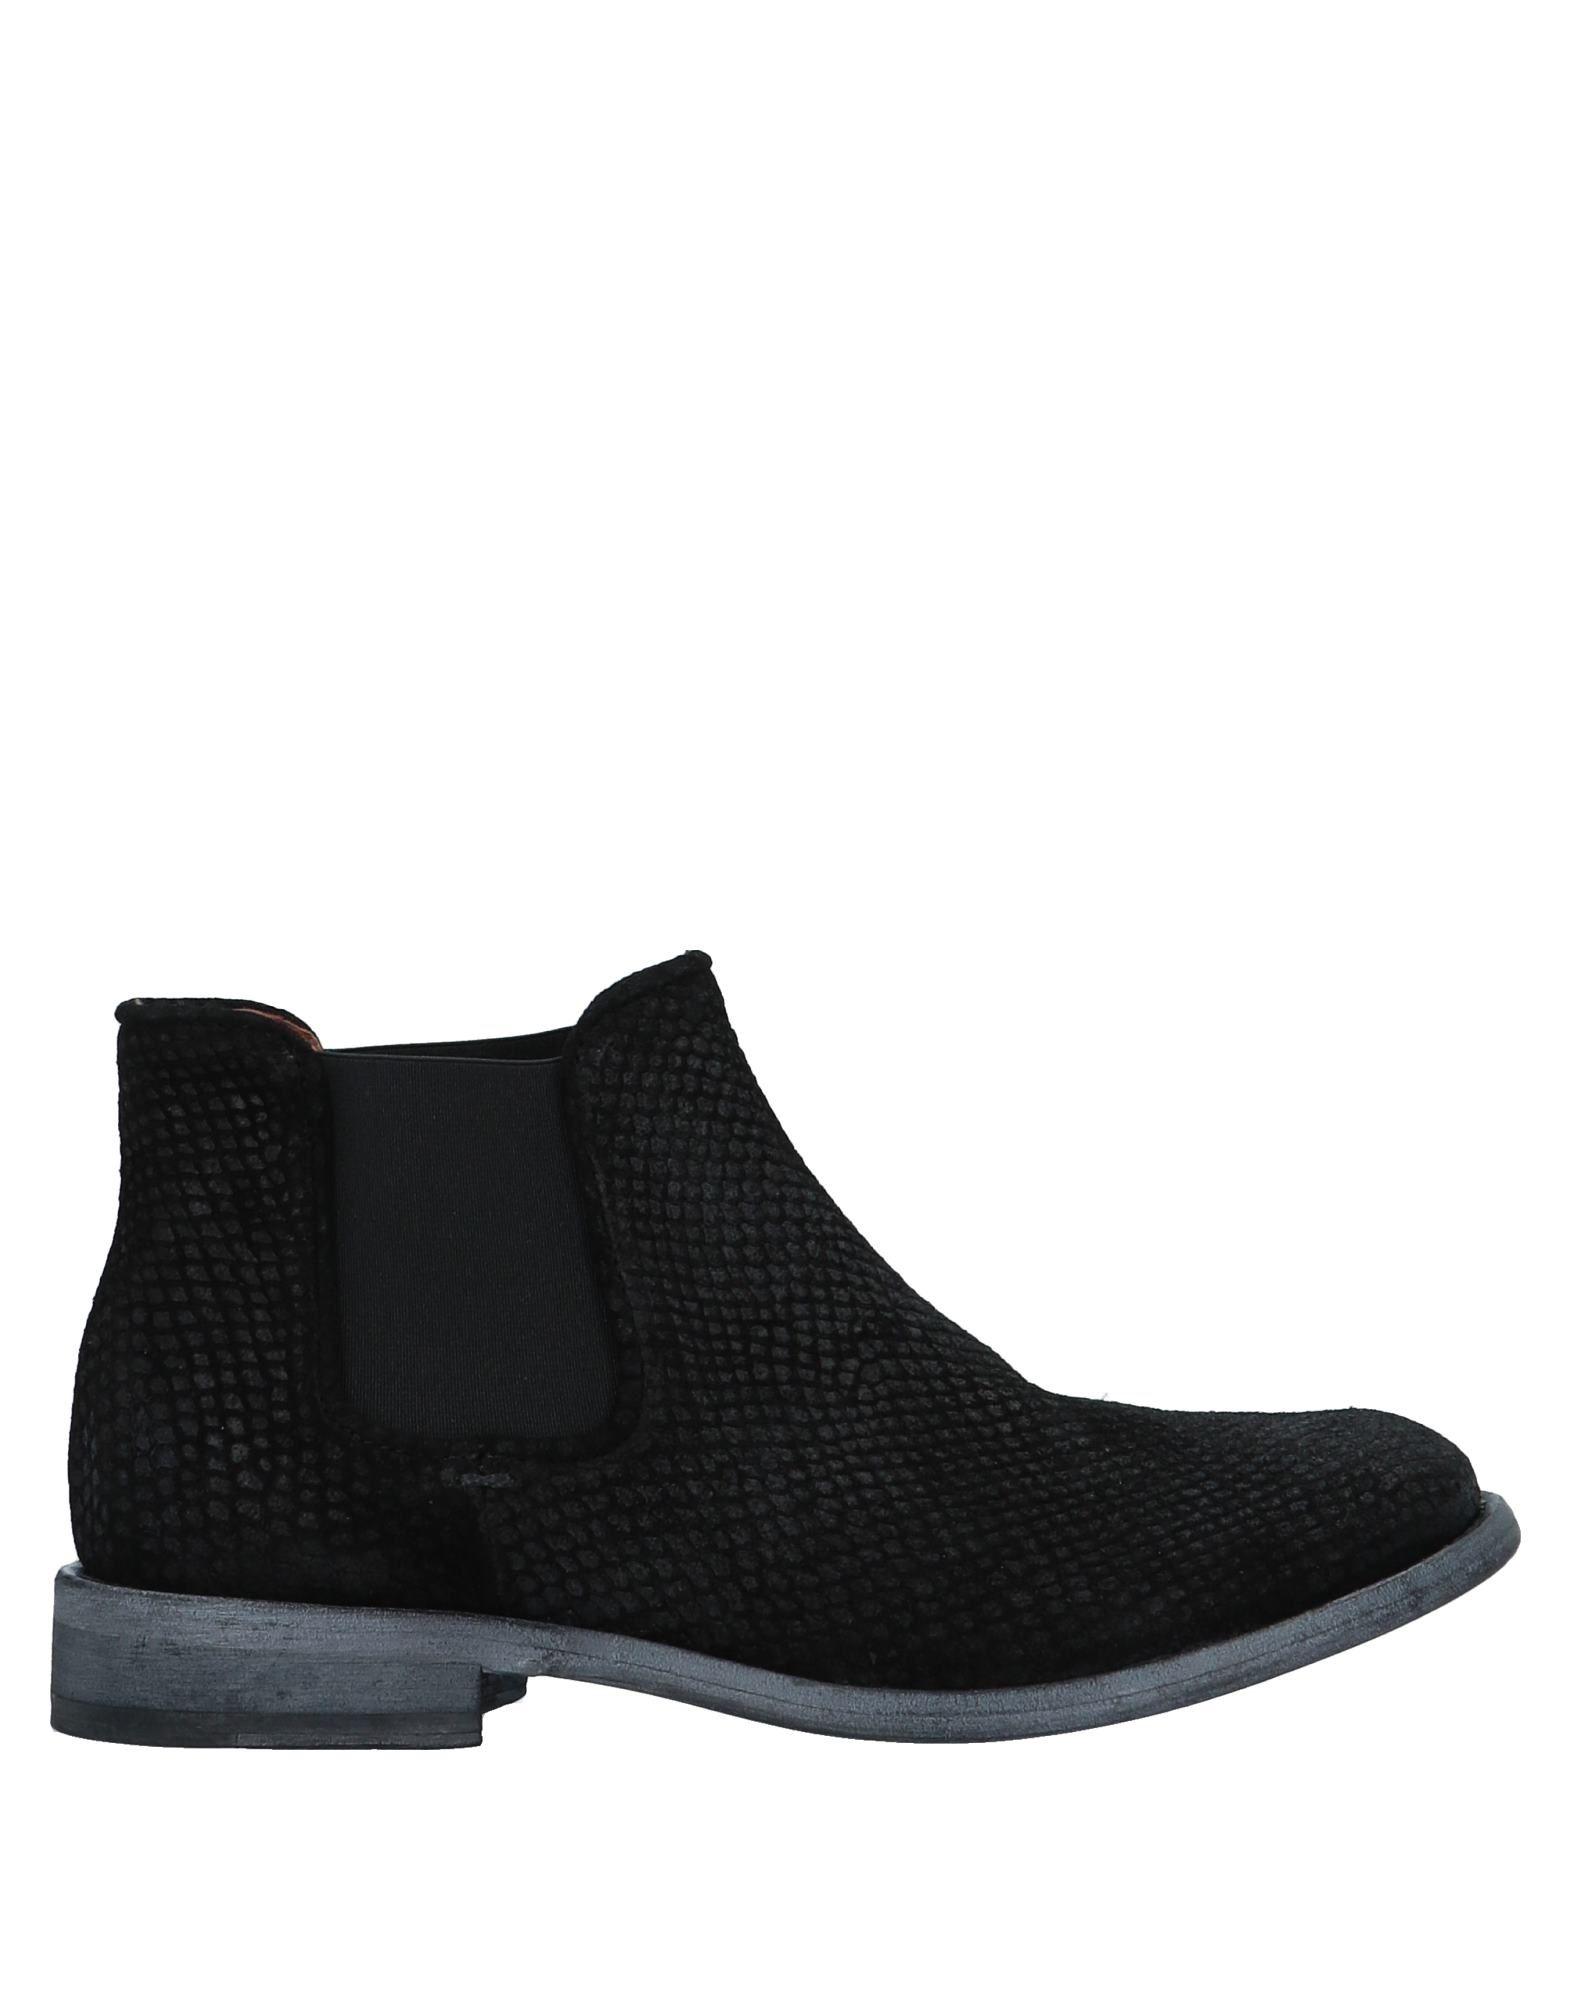 Chelsea Boots Boots Chelsea Mdk Donna - 11534493JL d1e151